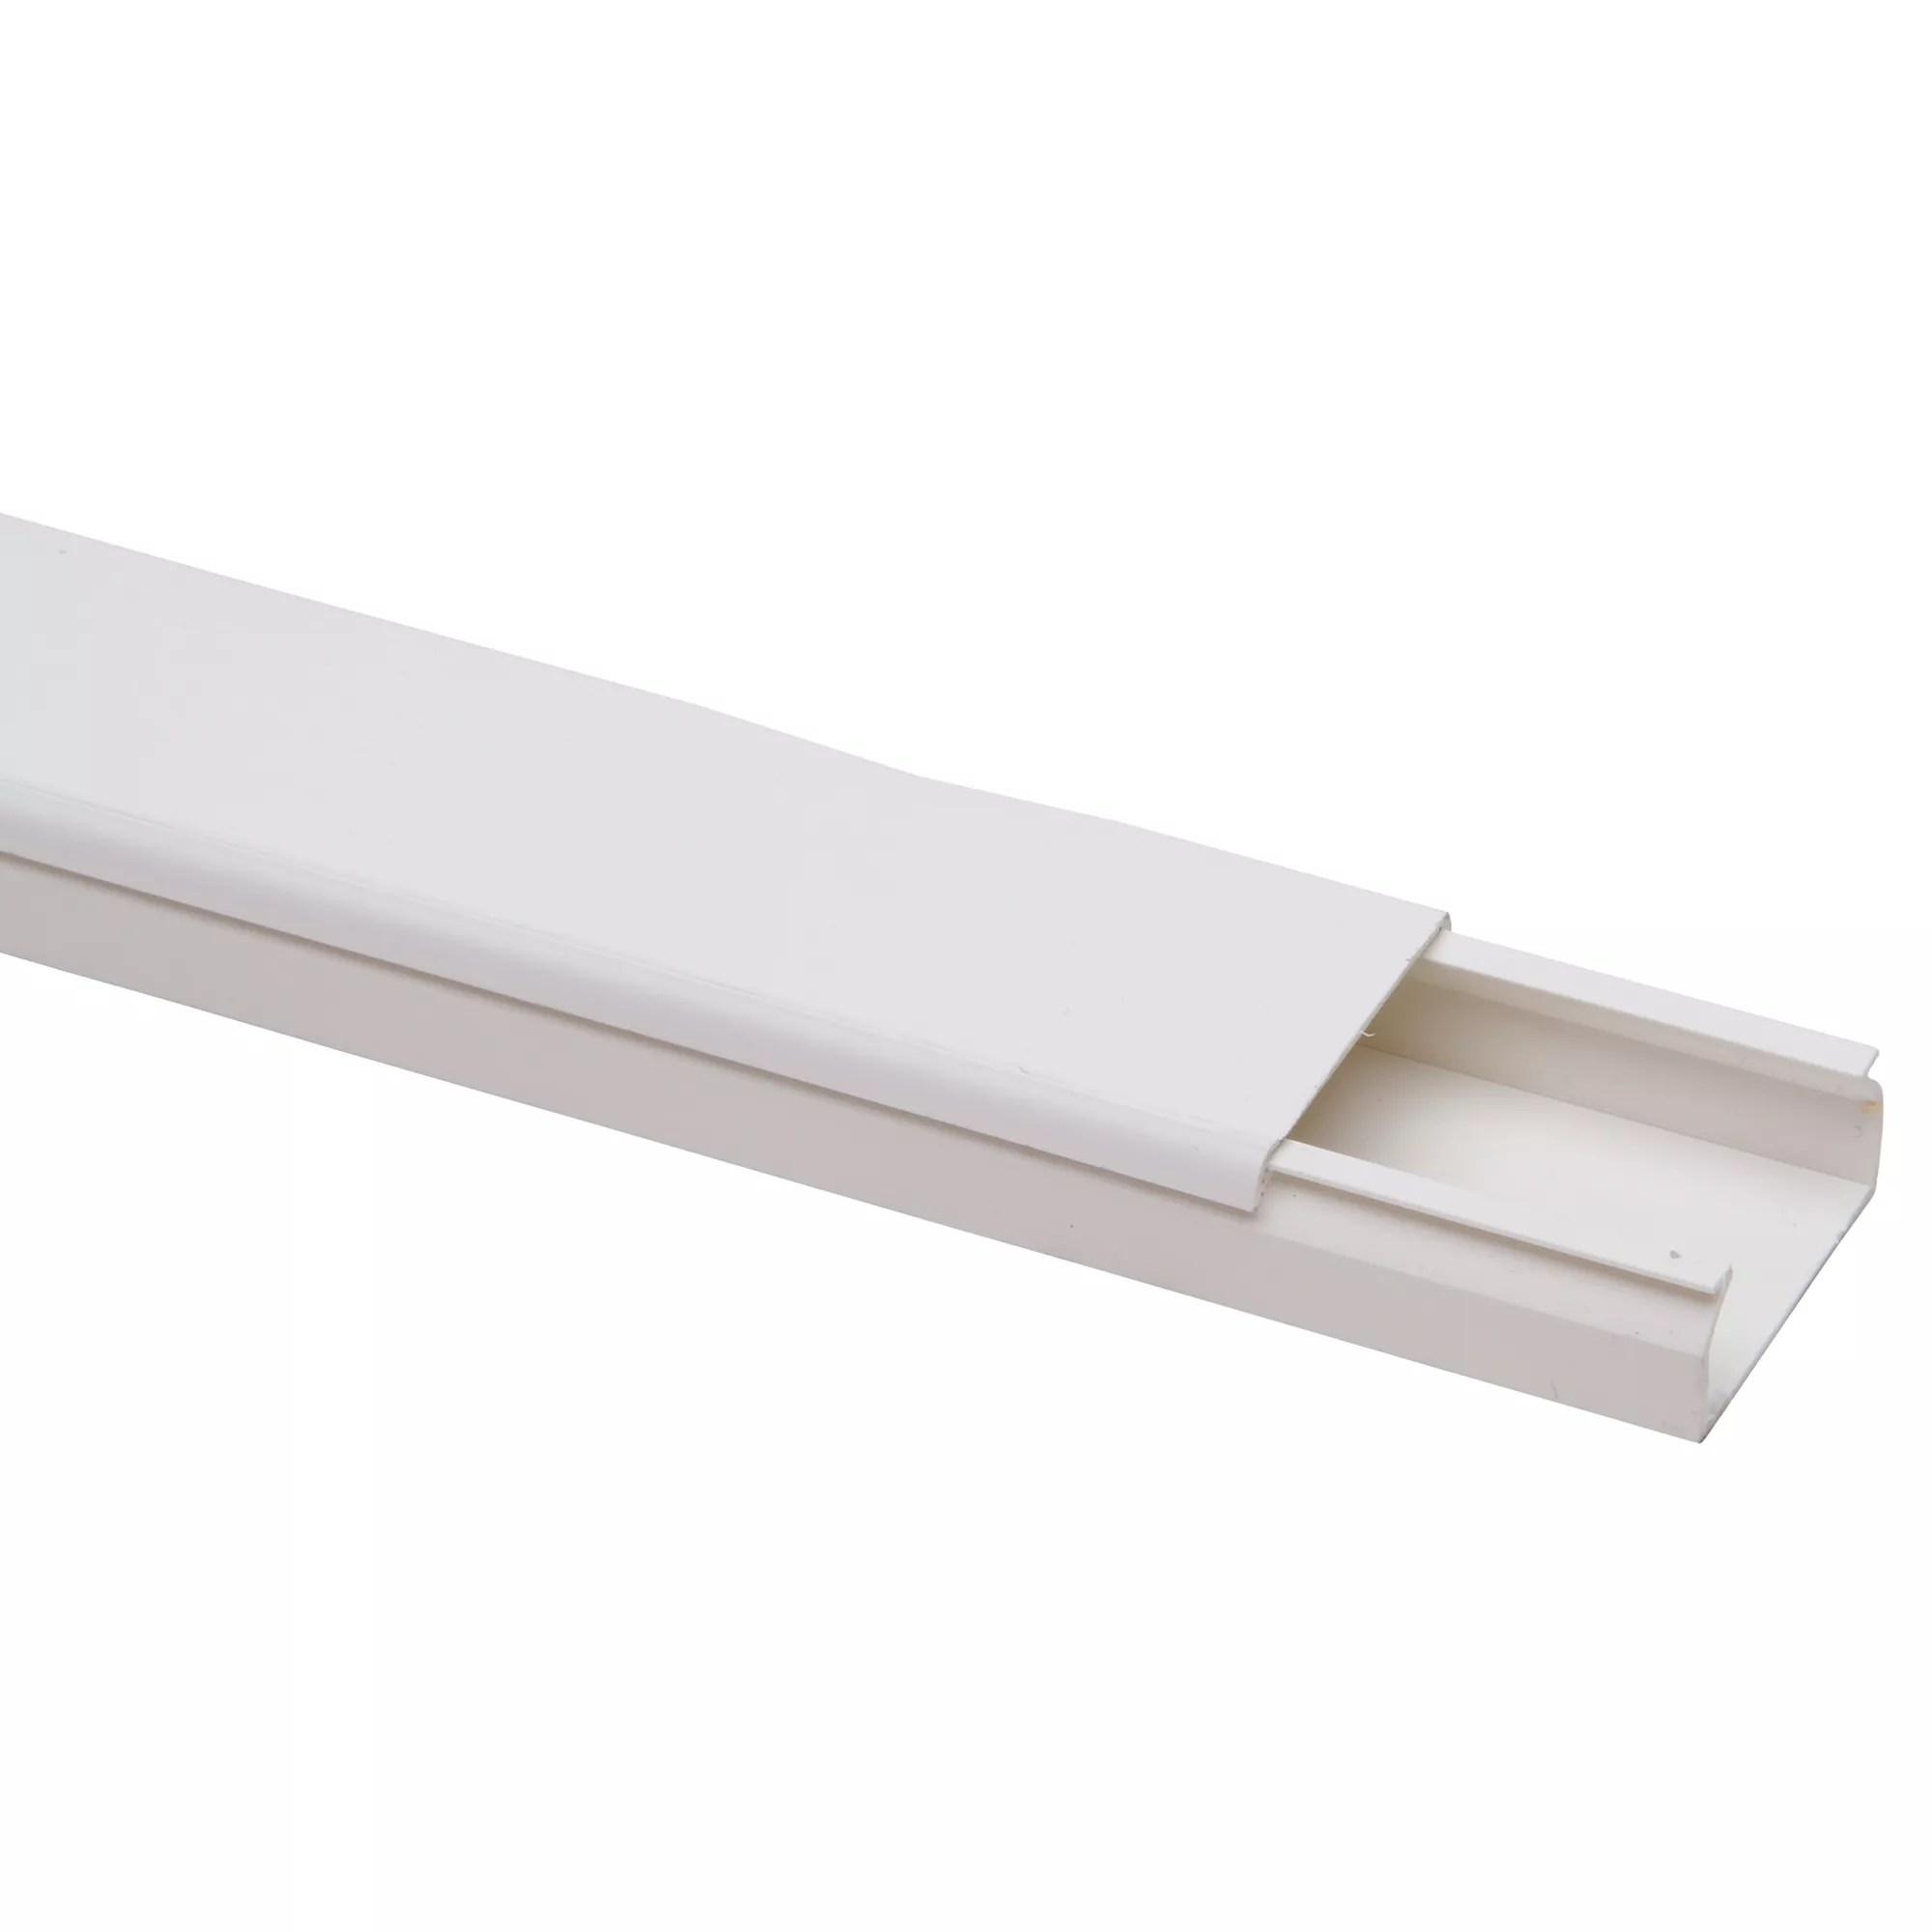 Kabelkanal PRO 60 x 40 mm Weiß TV Kabelleiste Wand Boden PVC Länge wählbar